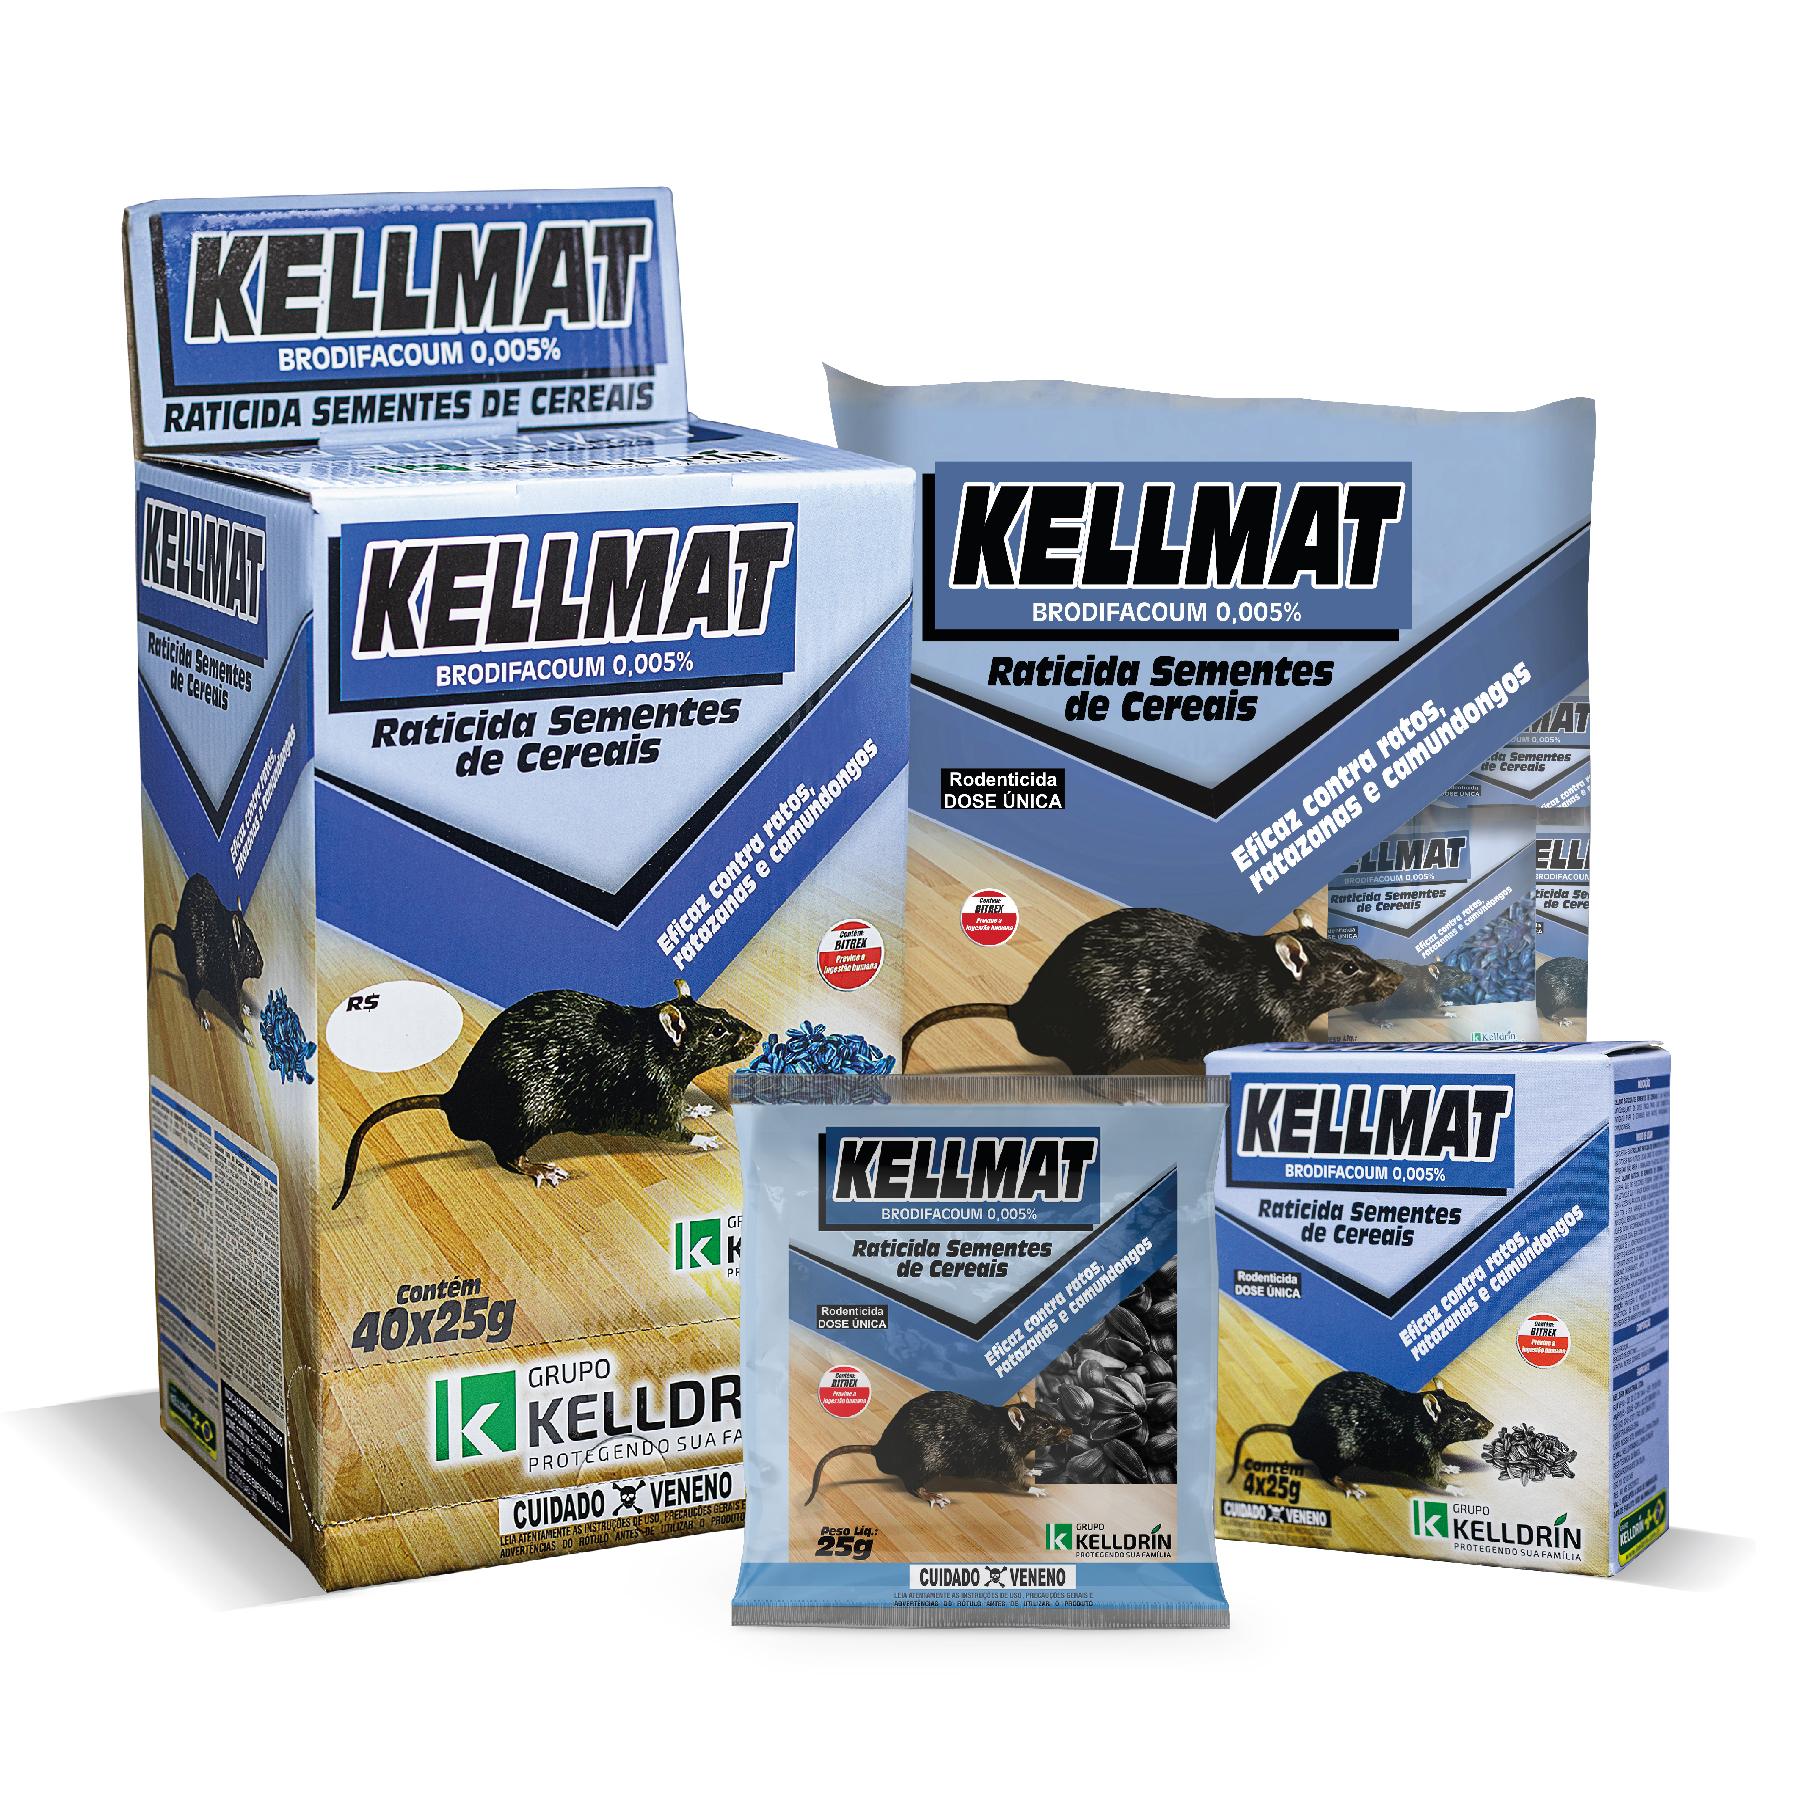 Kellmat Sementes de Cereais - Kelldrin